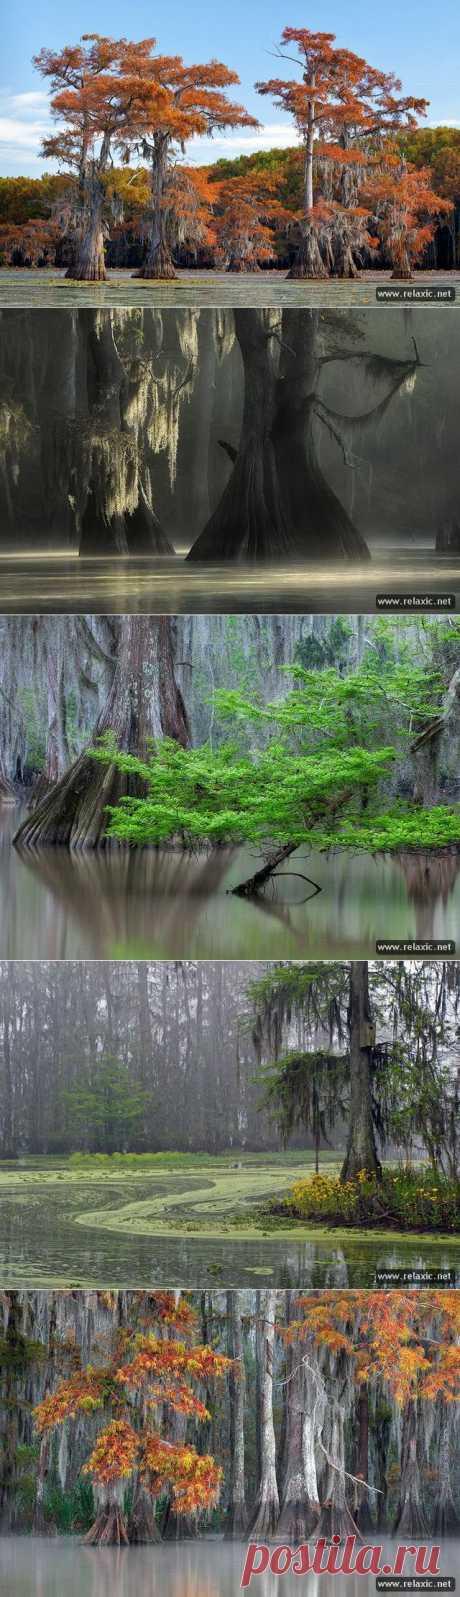 Болотные пейзажи (16 фото) | Релаксик